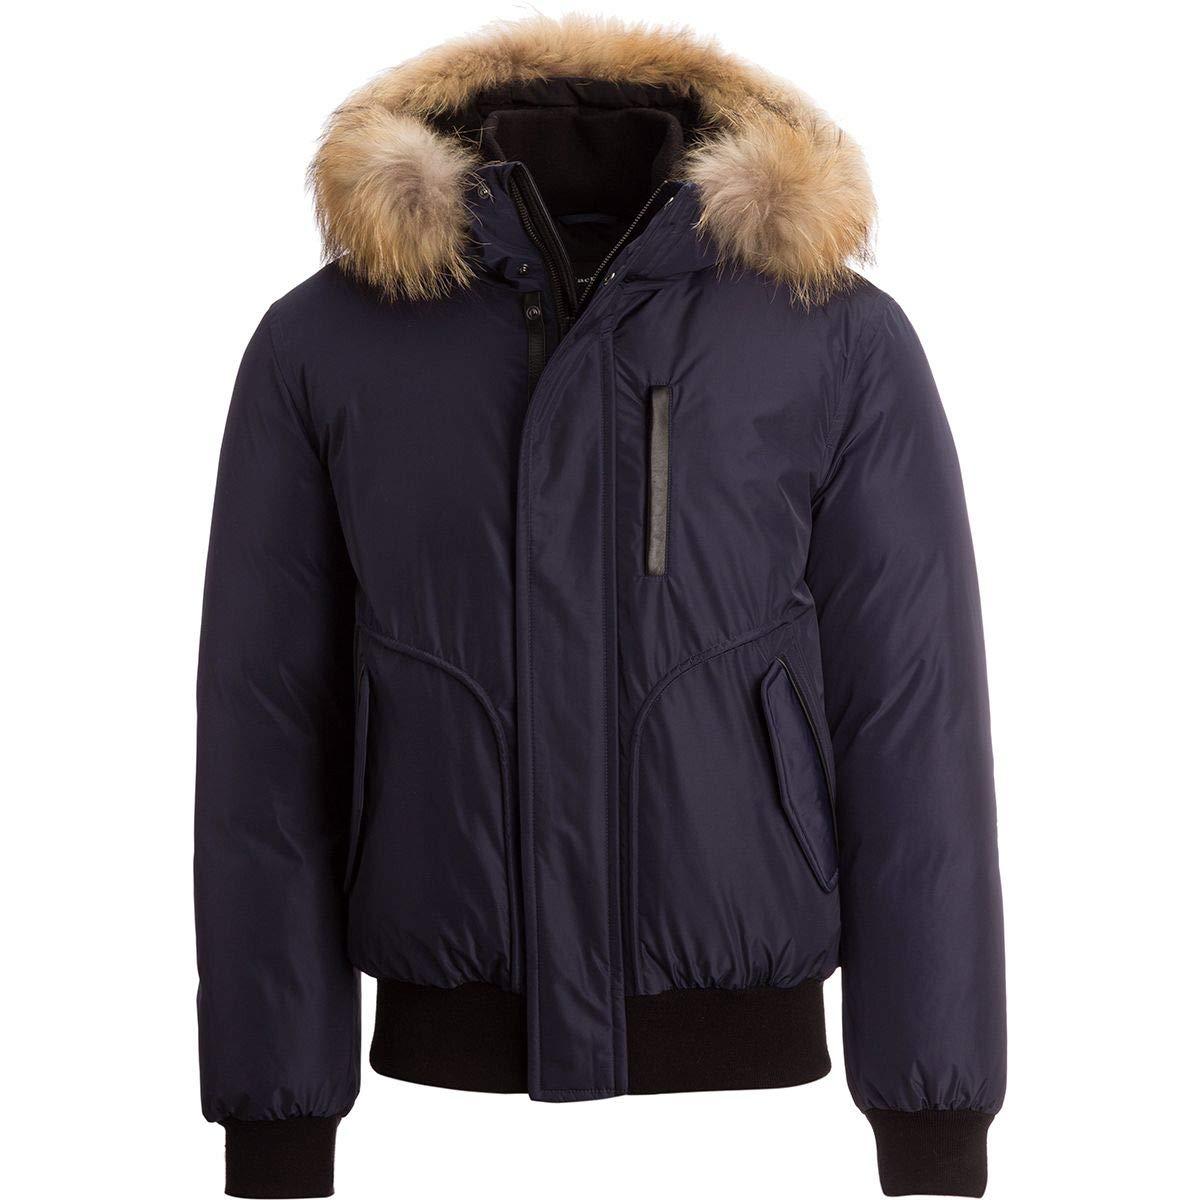 【売れ筋】 [マッカージュ] メンズ Jacket ジャケット&ブルゾン Florian Down [並行輸入品] Jacket B07JZ7Q63M [並行輸入品] B07JZ7Q63M 44, ナンポロチョウ:f59fa1b6 --- arianechie.dominiotemporario.com